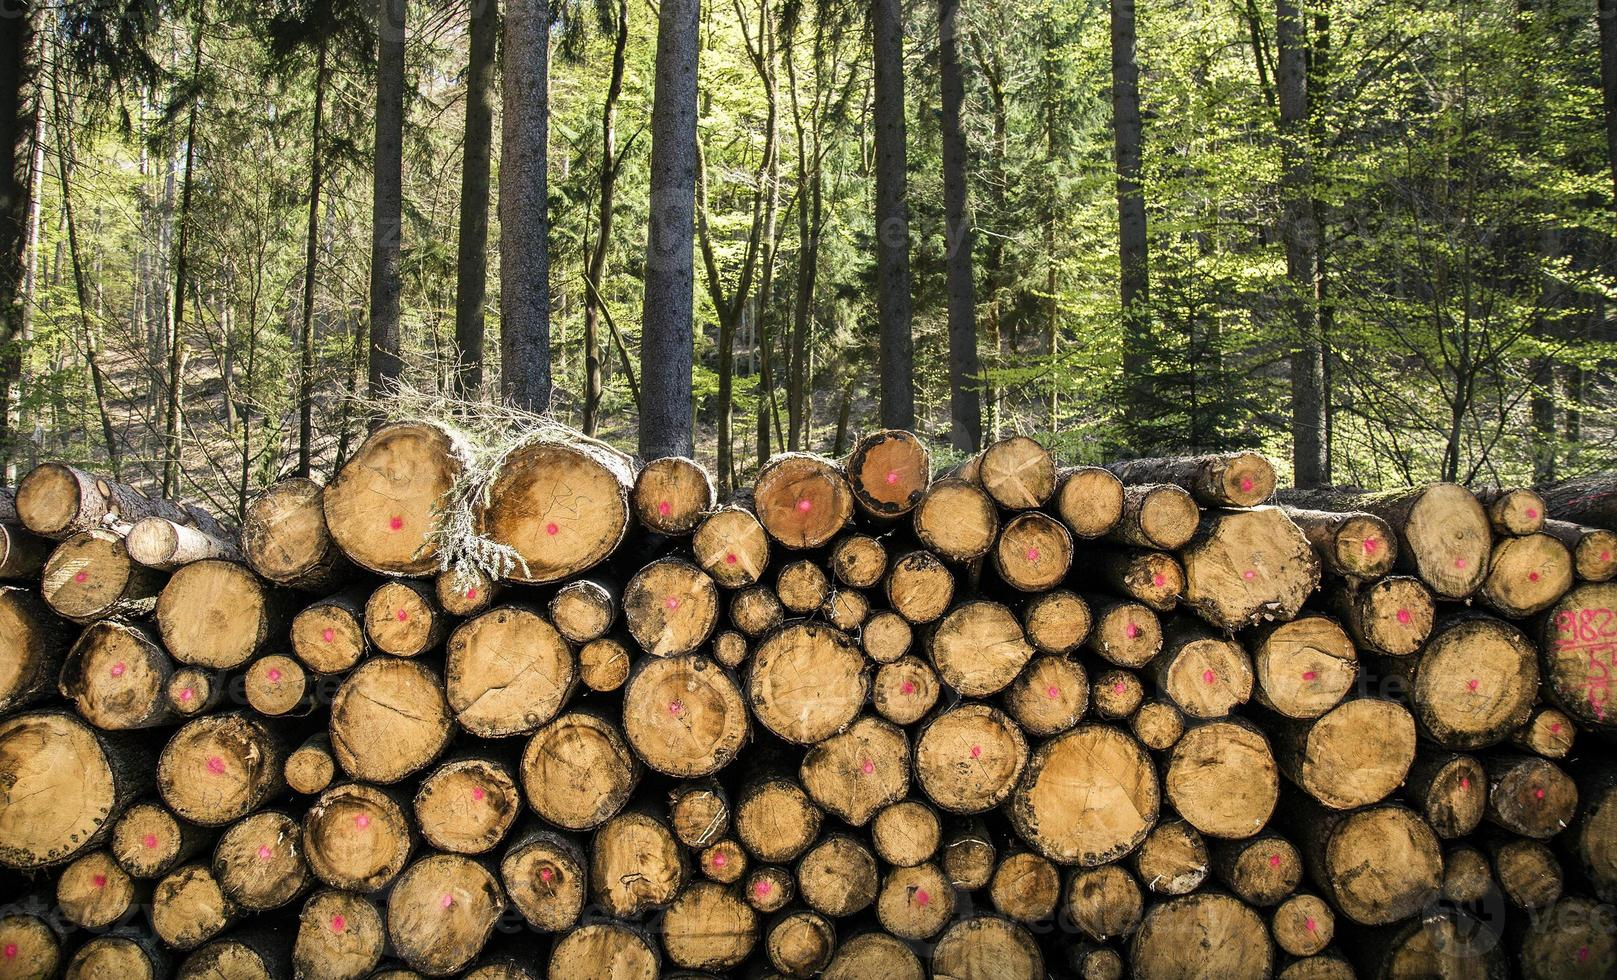 Tronco de madera cortada en el bosque en la naturaleza foto